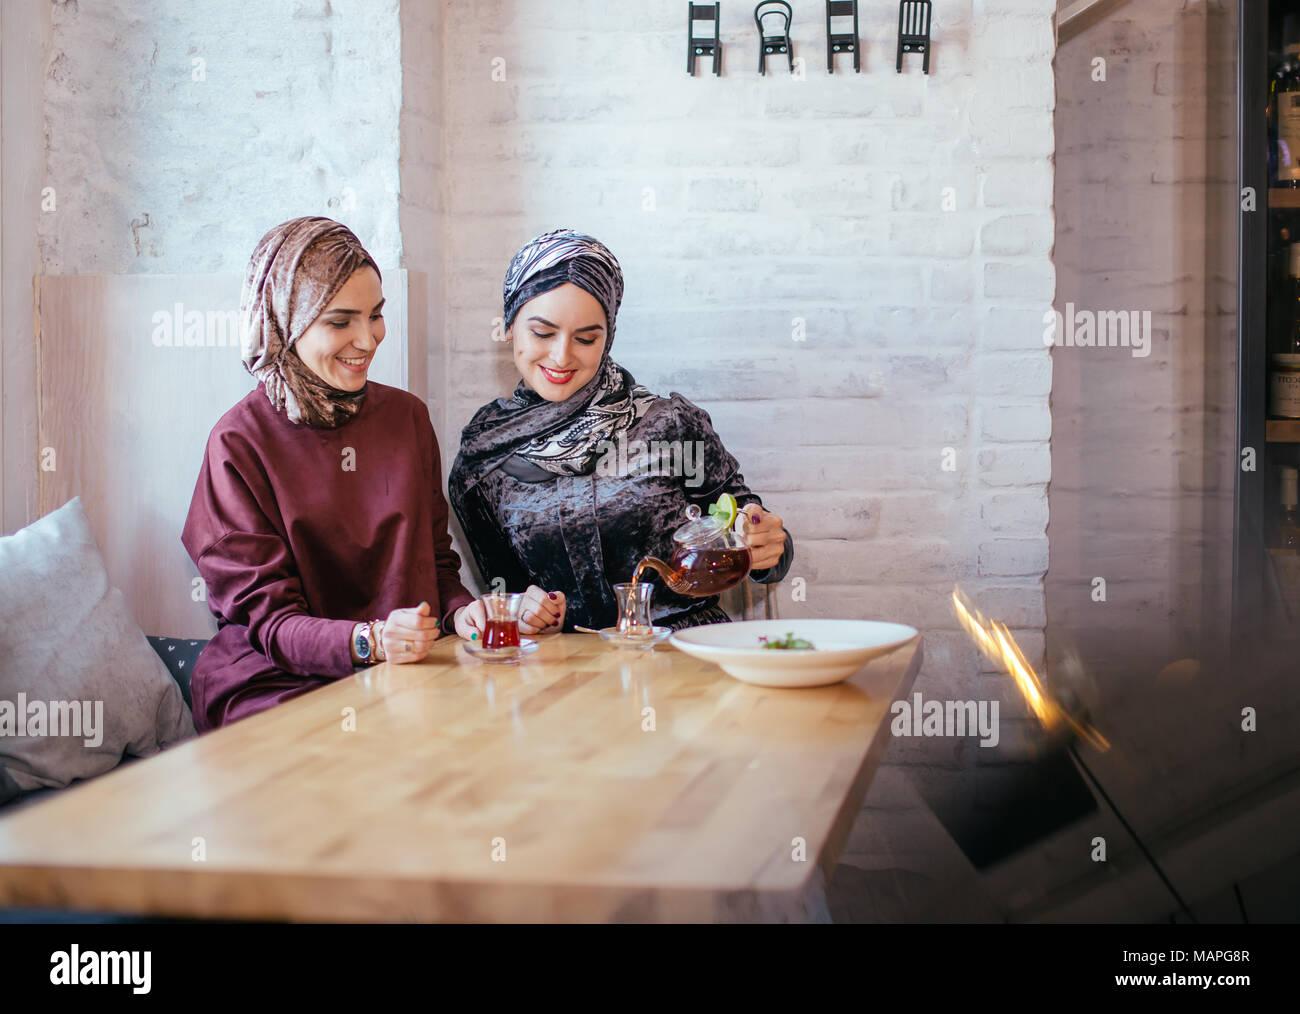 Zwei kaukasischen muslimischen Frau trinkt Kaffee im Cafe Stockbild